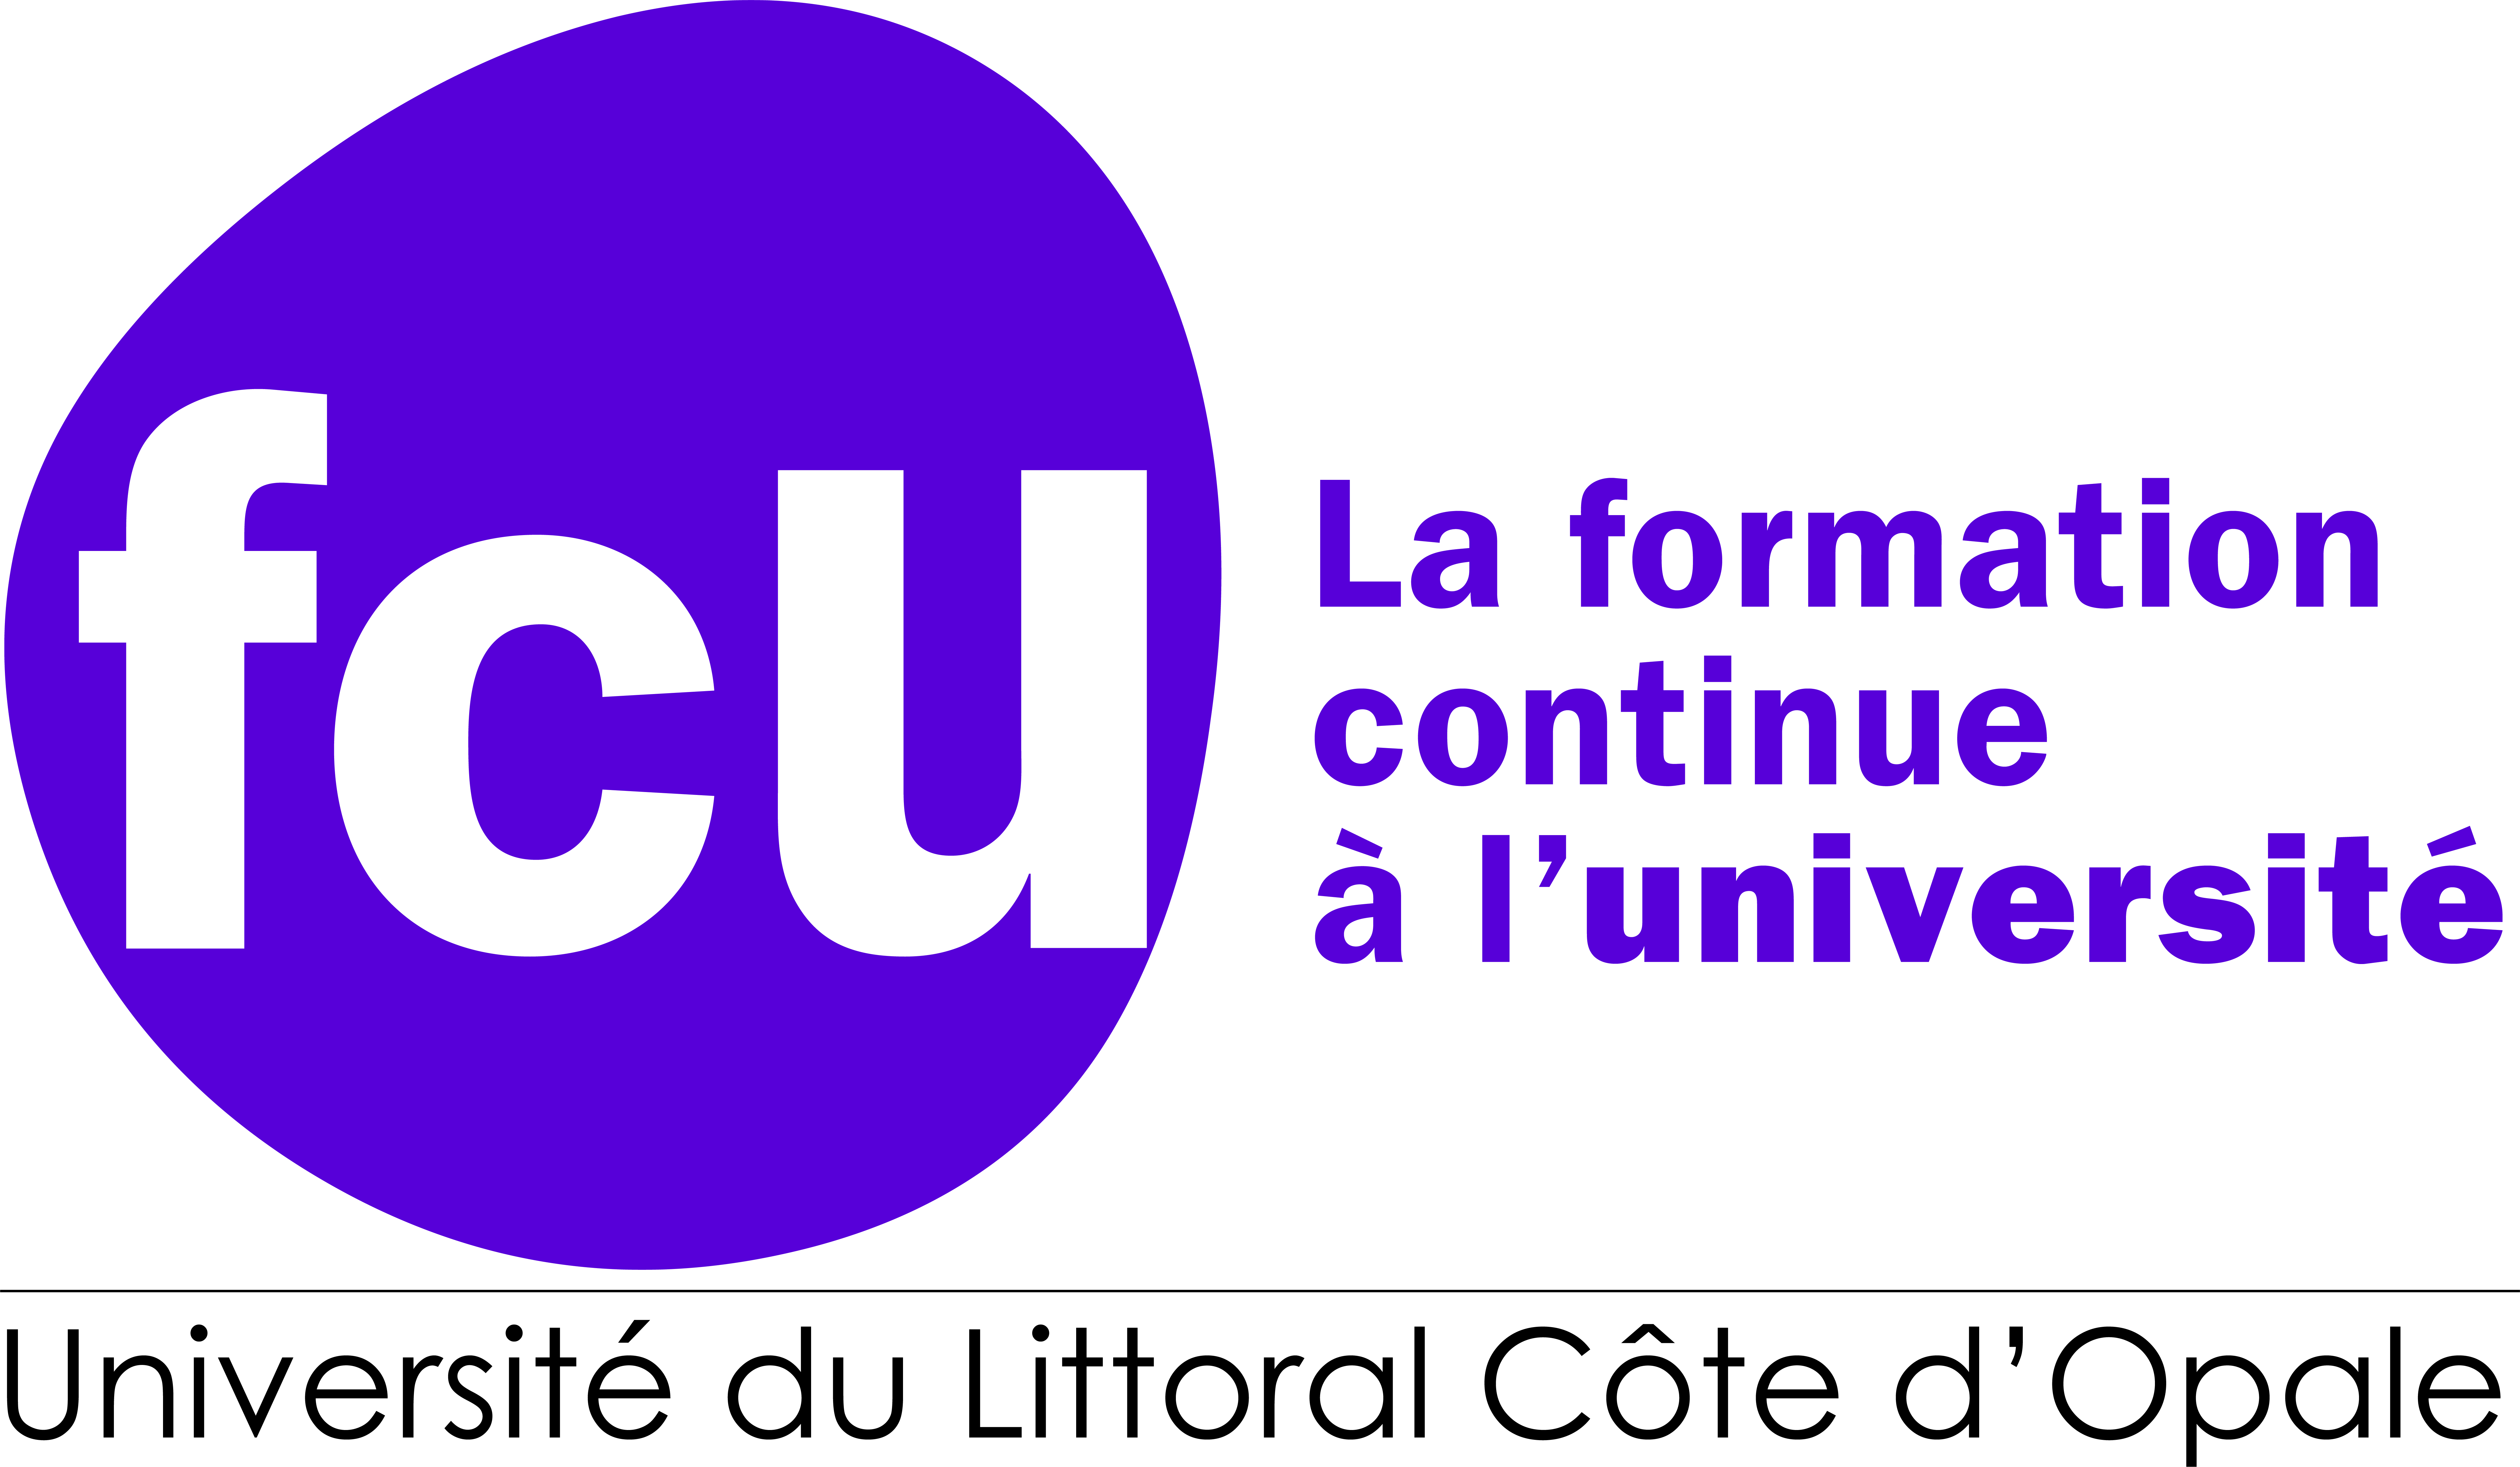 ULCO / FCU Côte d'Opale